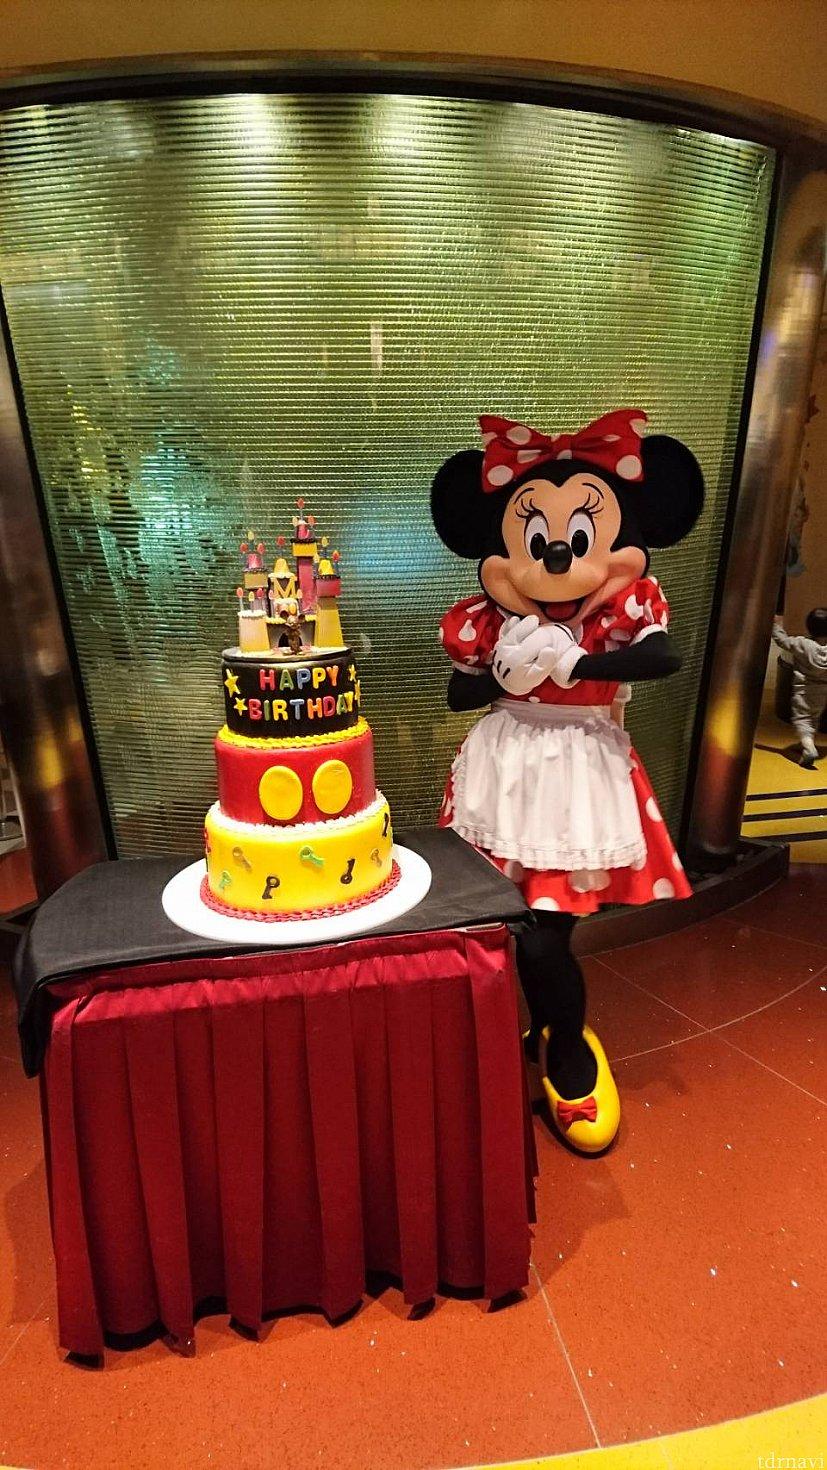 撮り直しさせてもらったミニーちゃん❤ 大きなケーキと一緒に撮影できました!